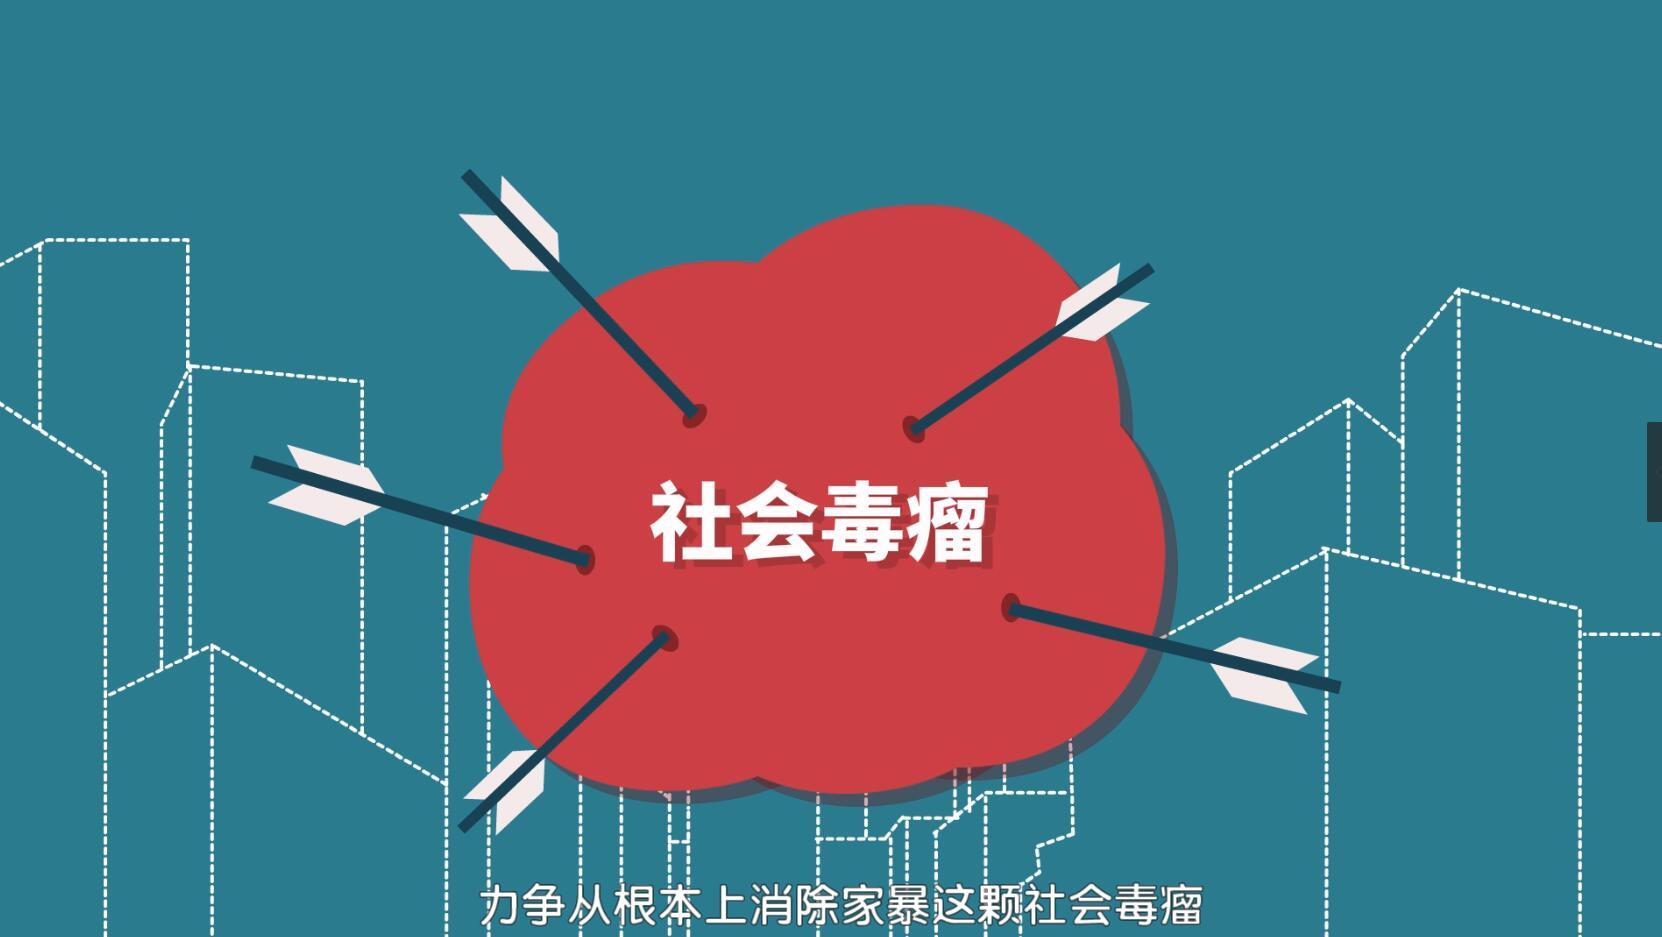 政府公益FLASH动画——《家庭暴力》公益宣传片